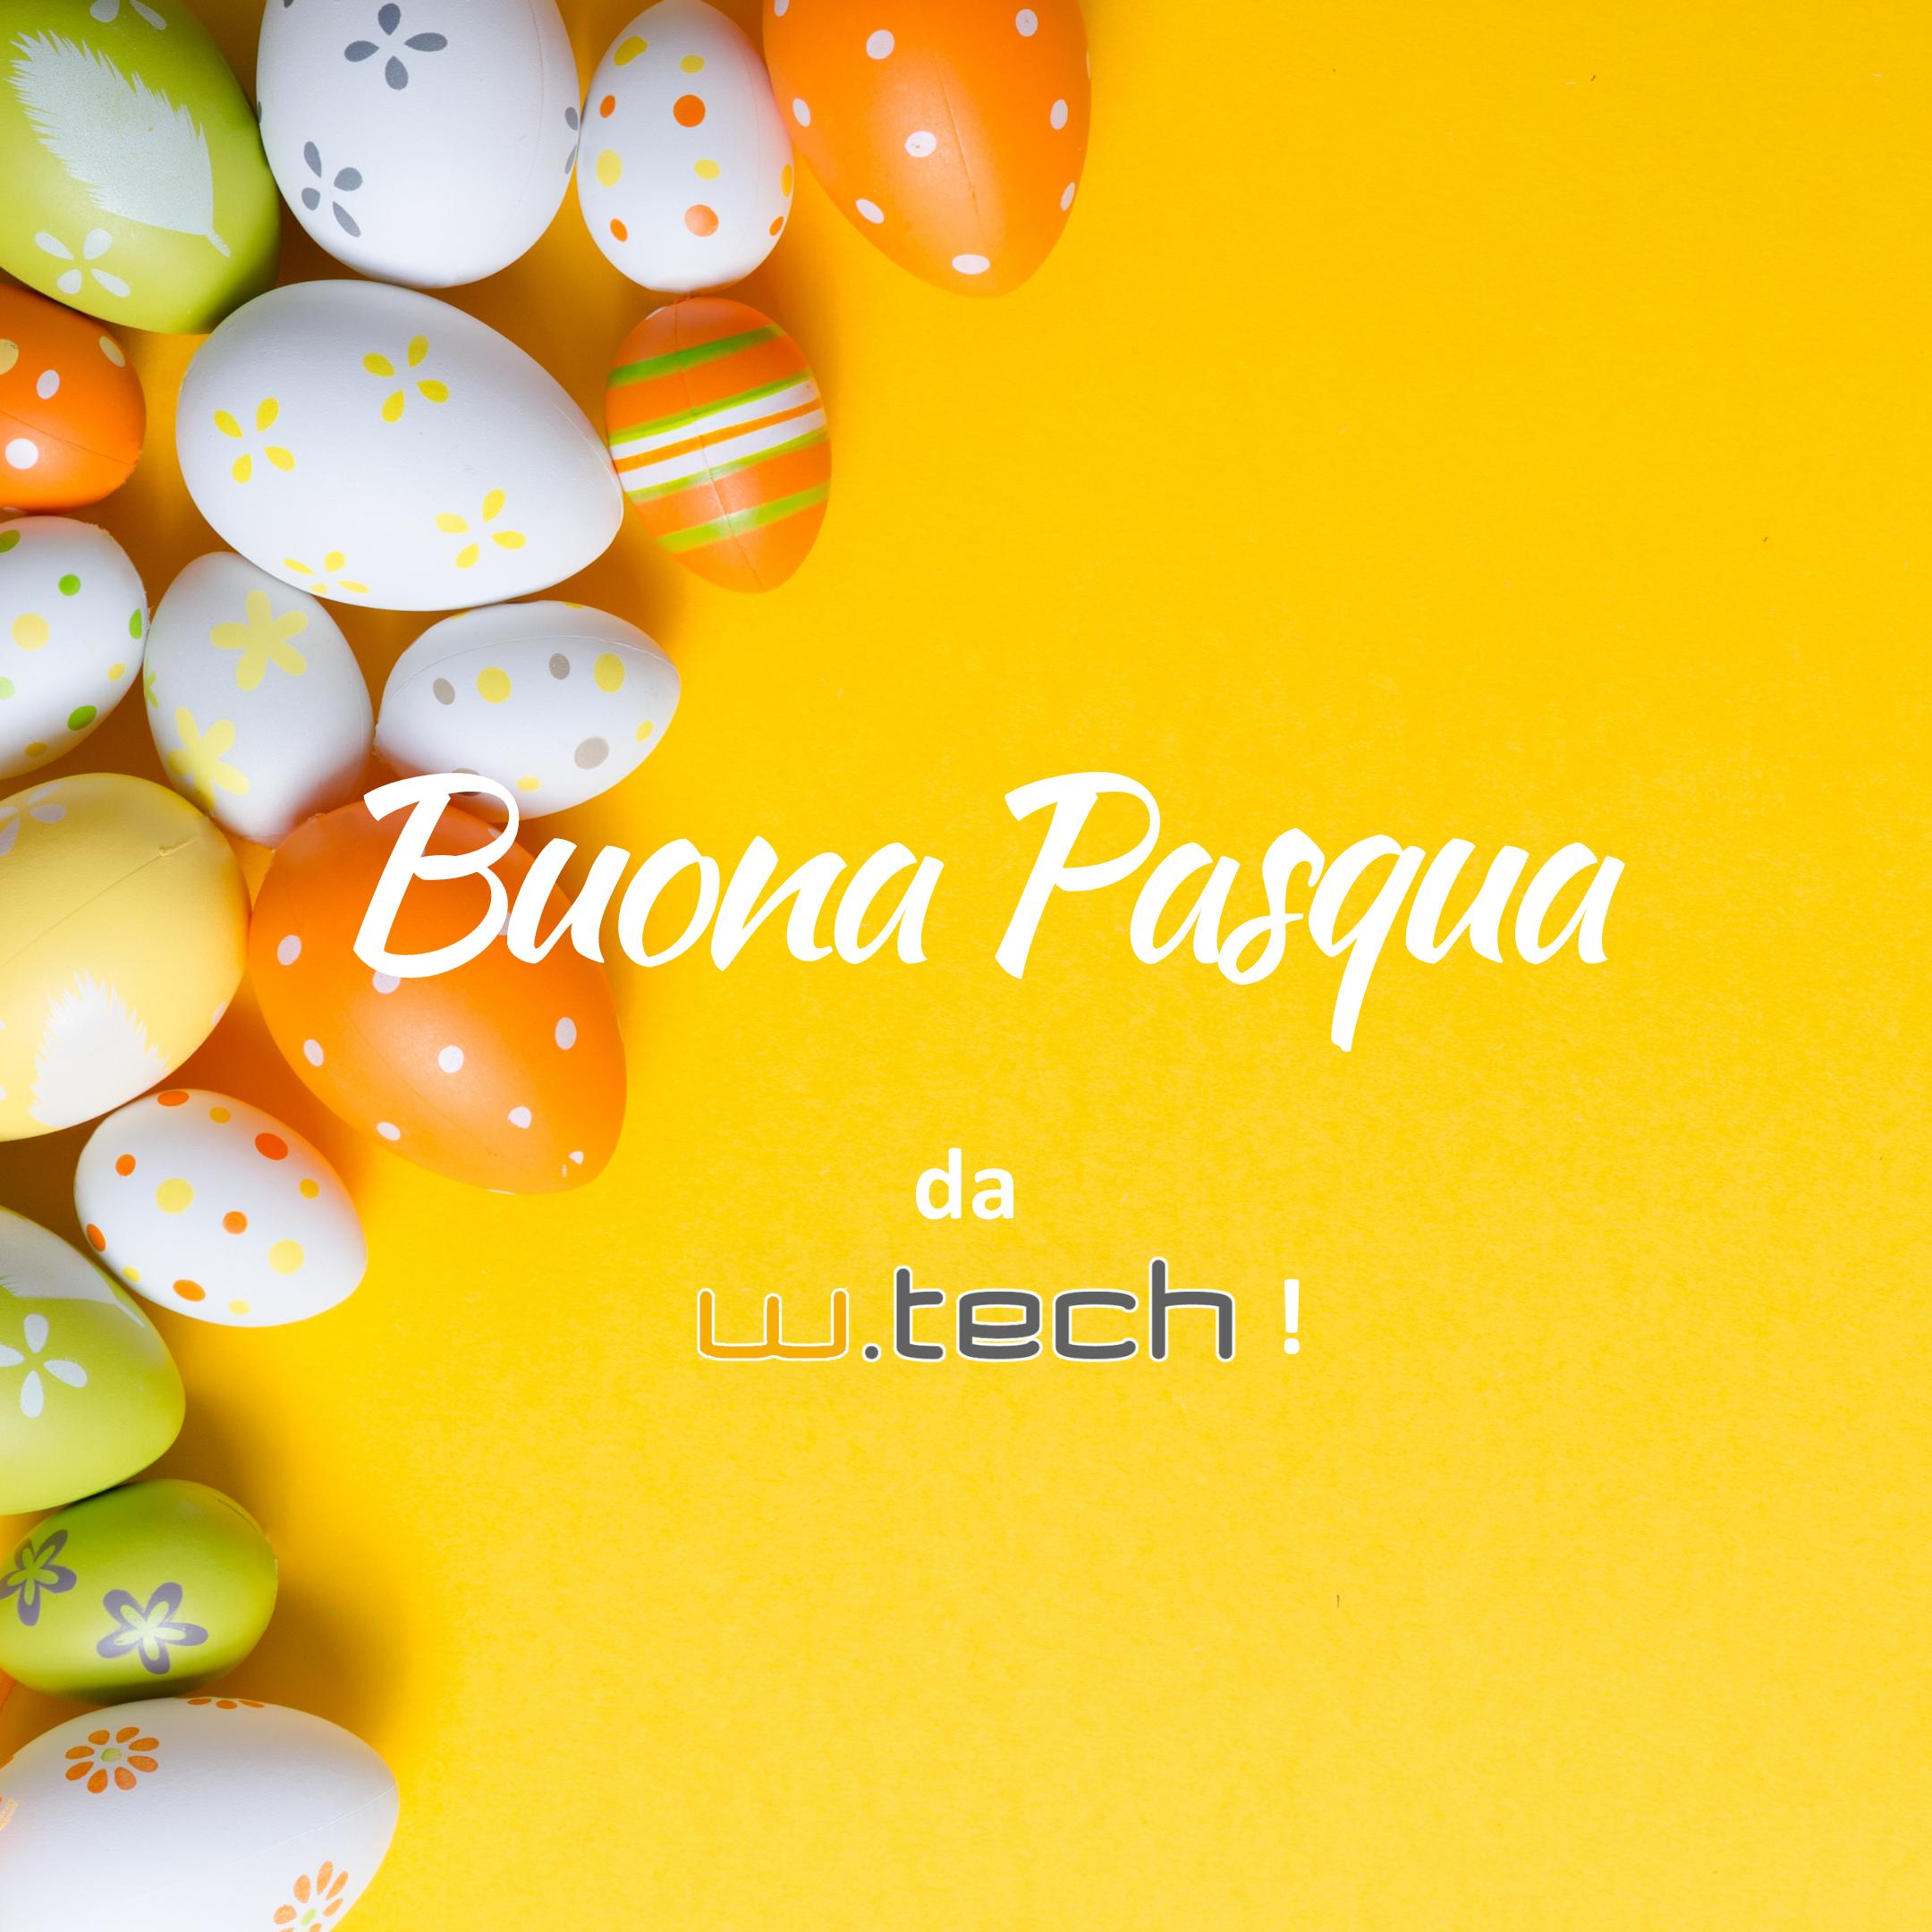 Buona Pasqua da W-tech